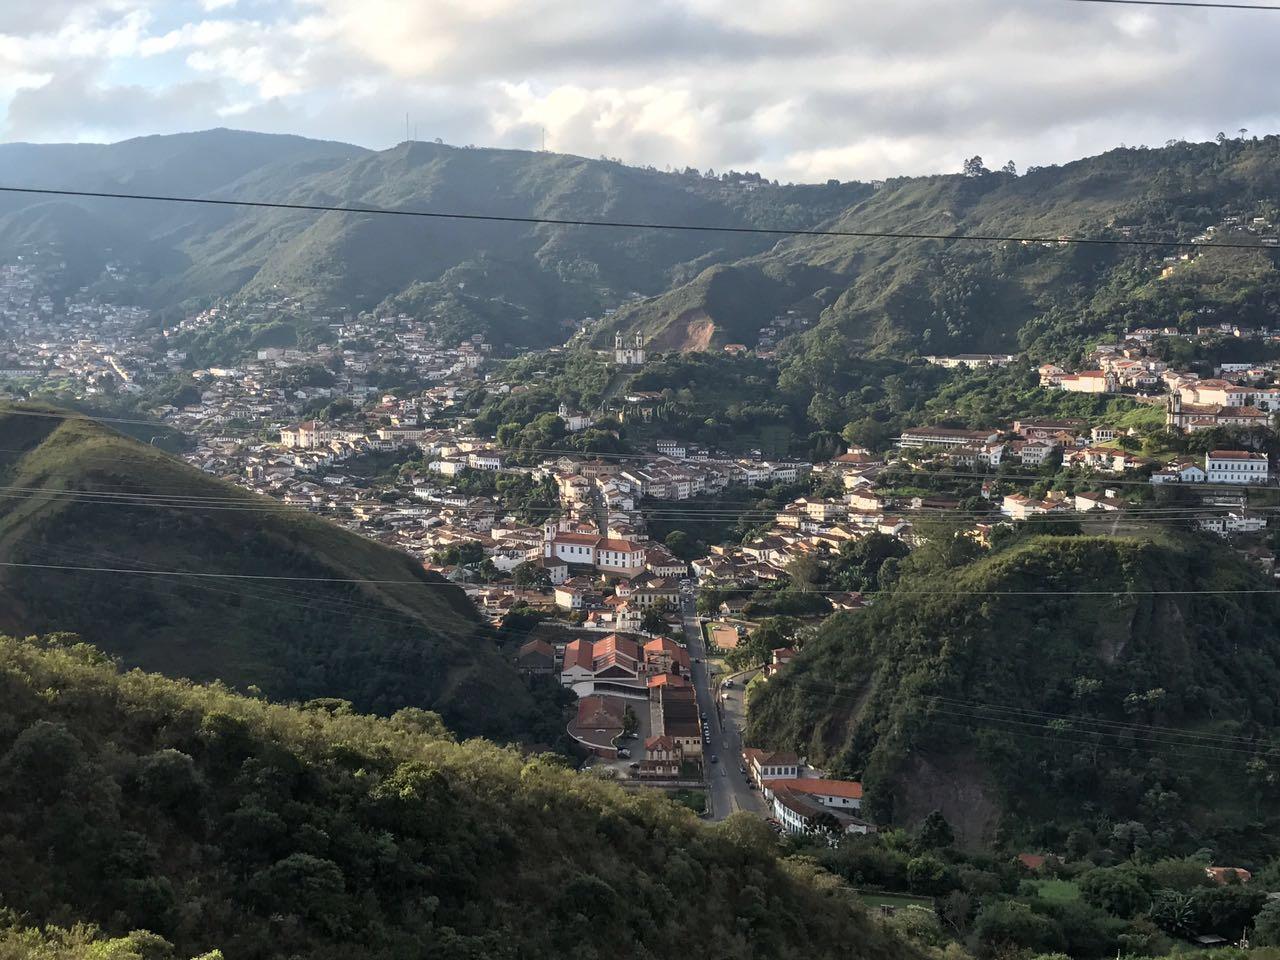 Conheça a etapa de Ouro Preto através do Mapa Ilustrativo da CIMTB Levorin